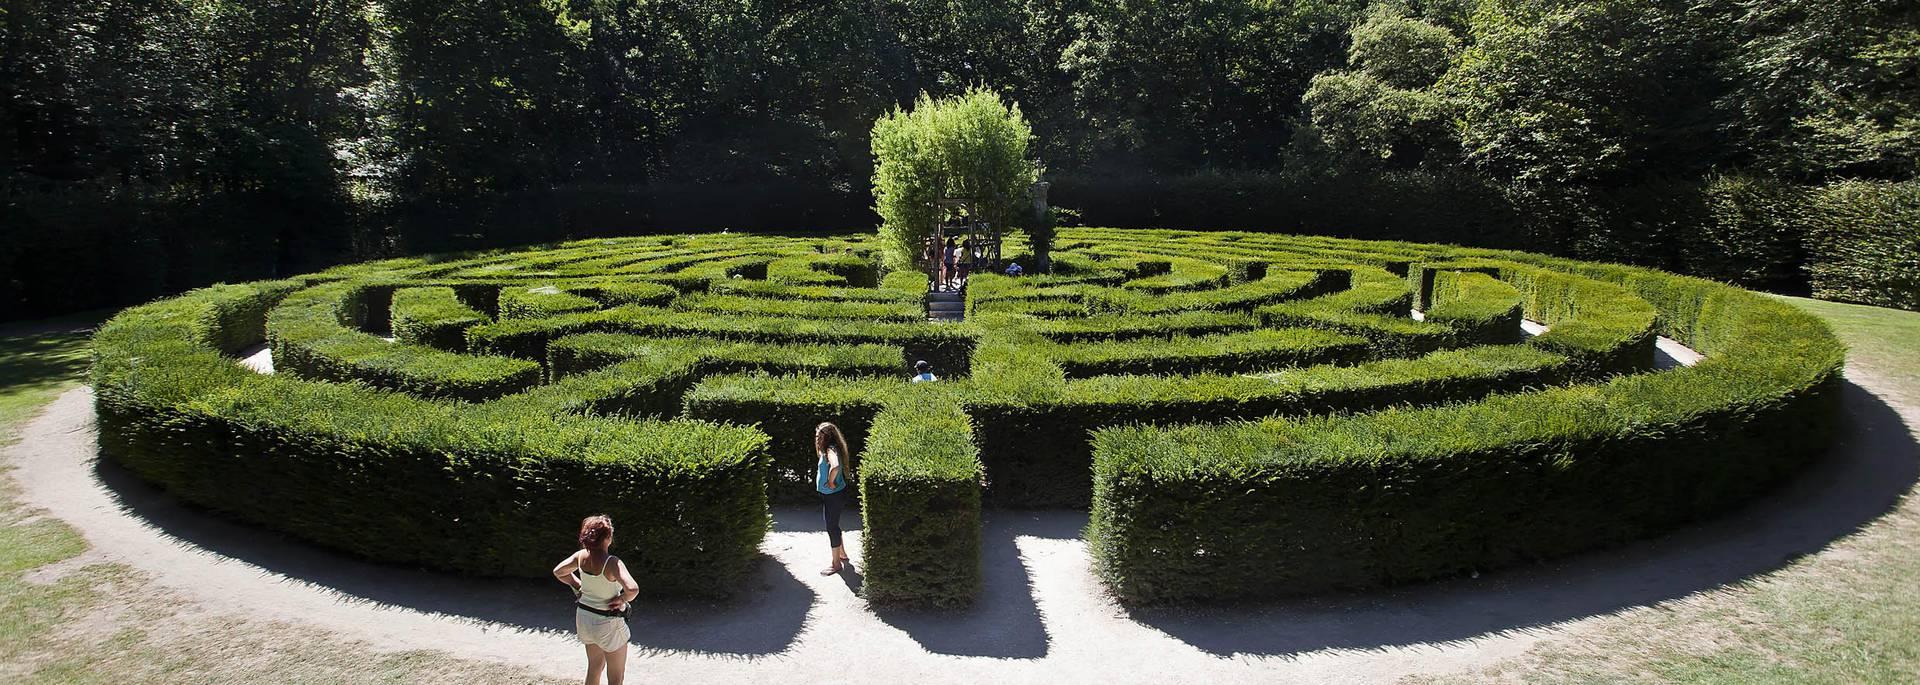 Jardines del Castillo de Chenonceau© Imágenes de Marc